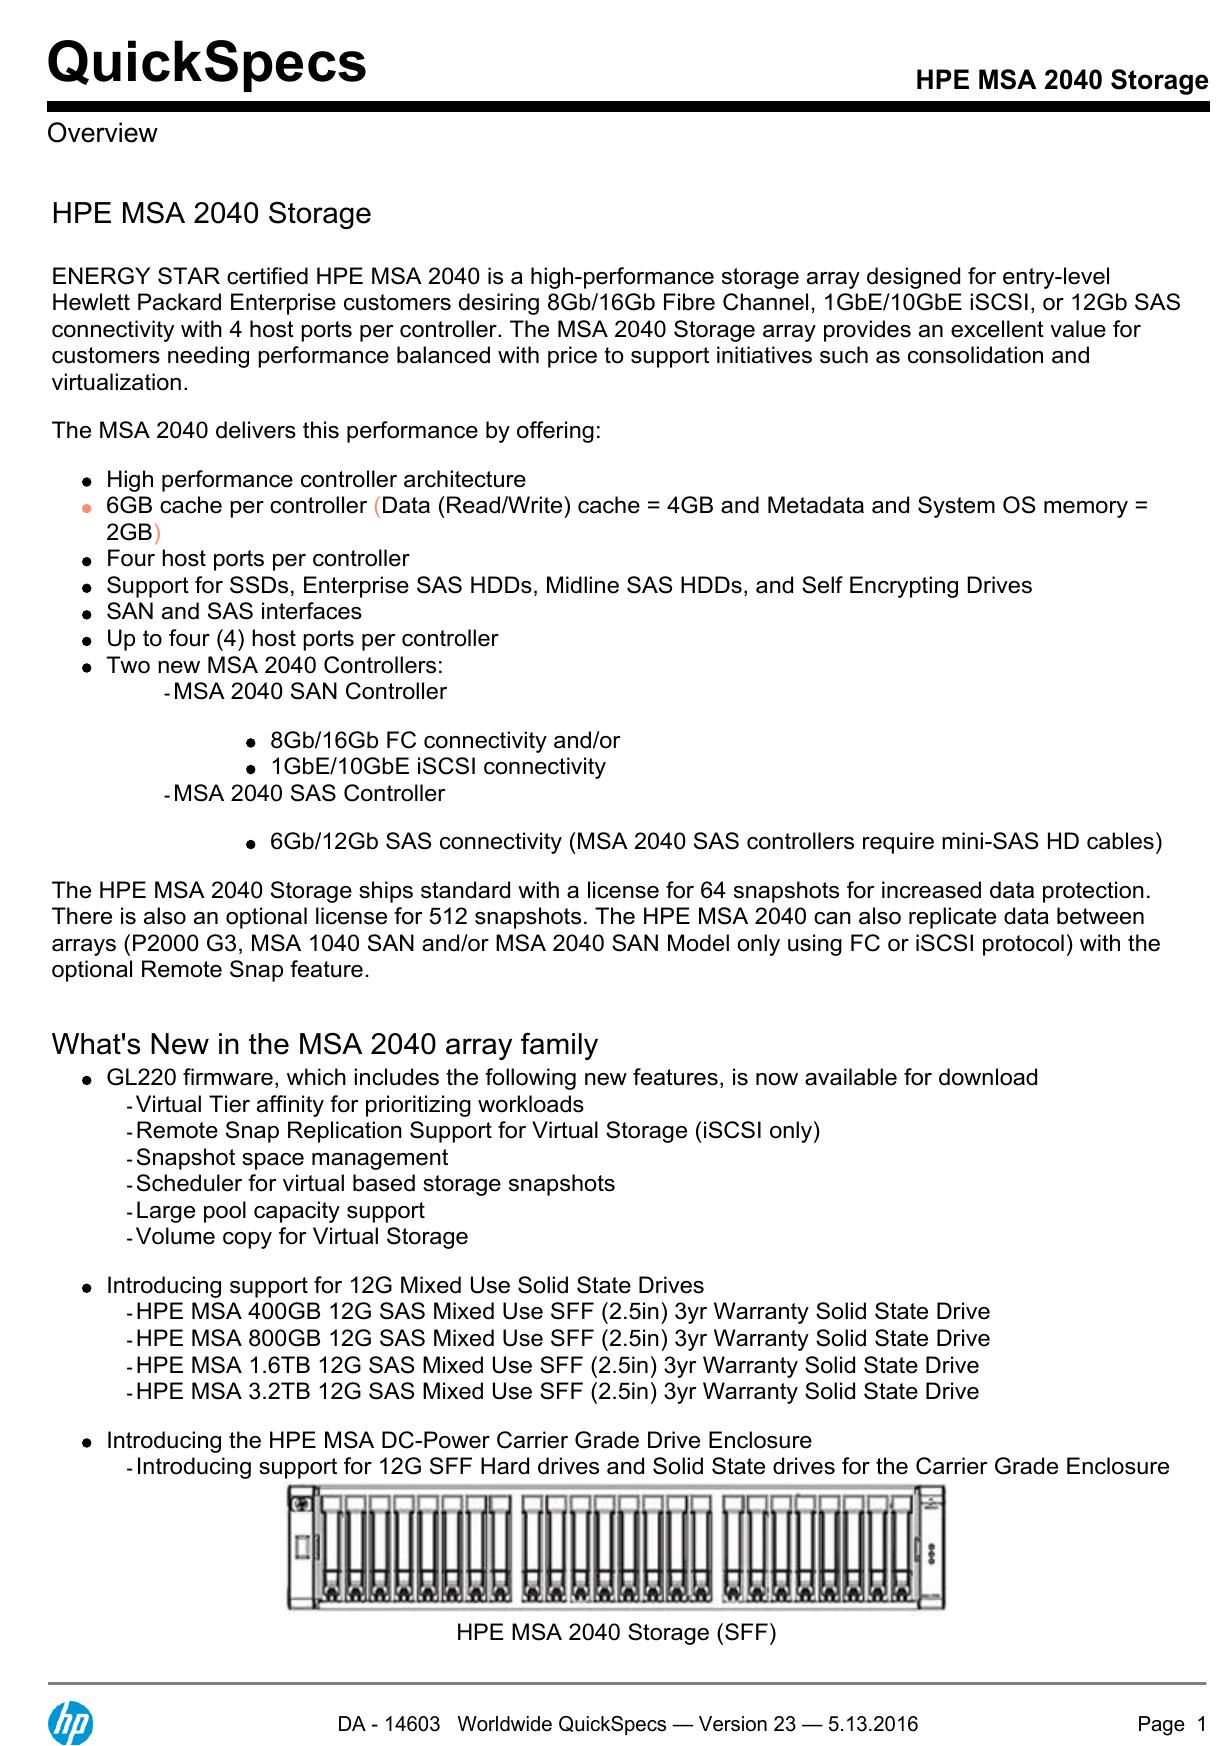 HPE MSA 2040 Storage | manualzz com